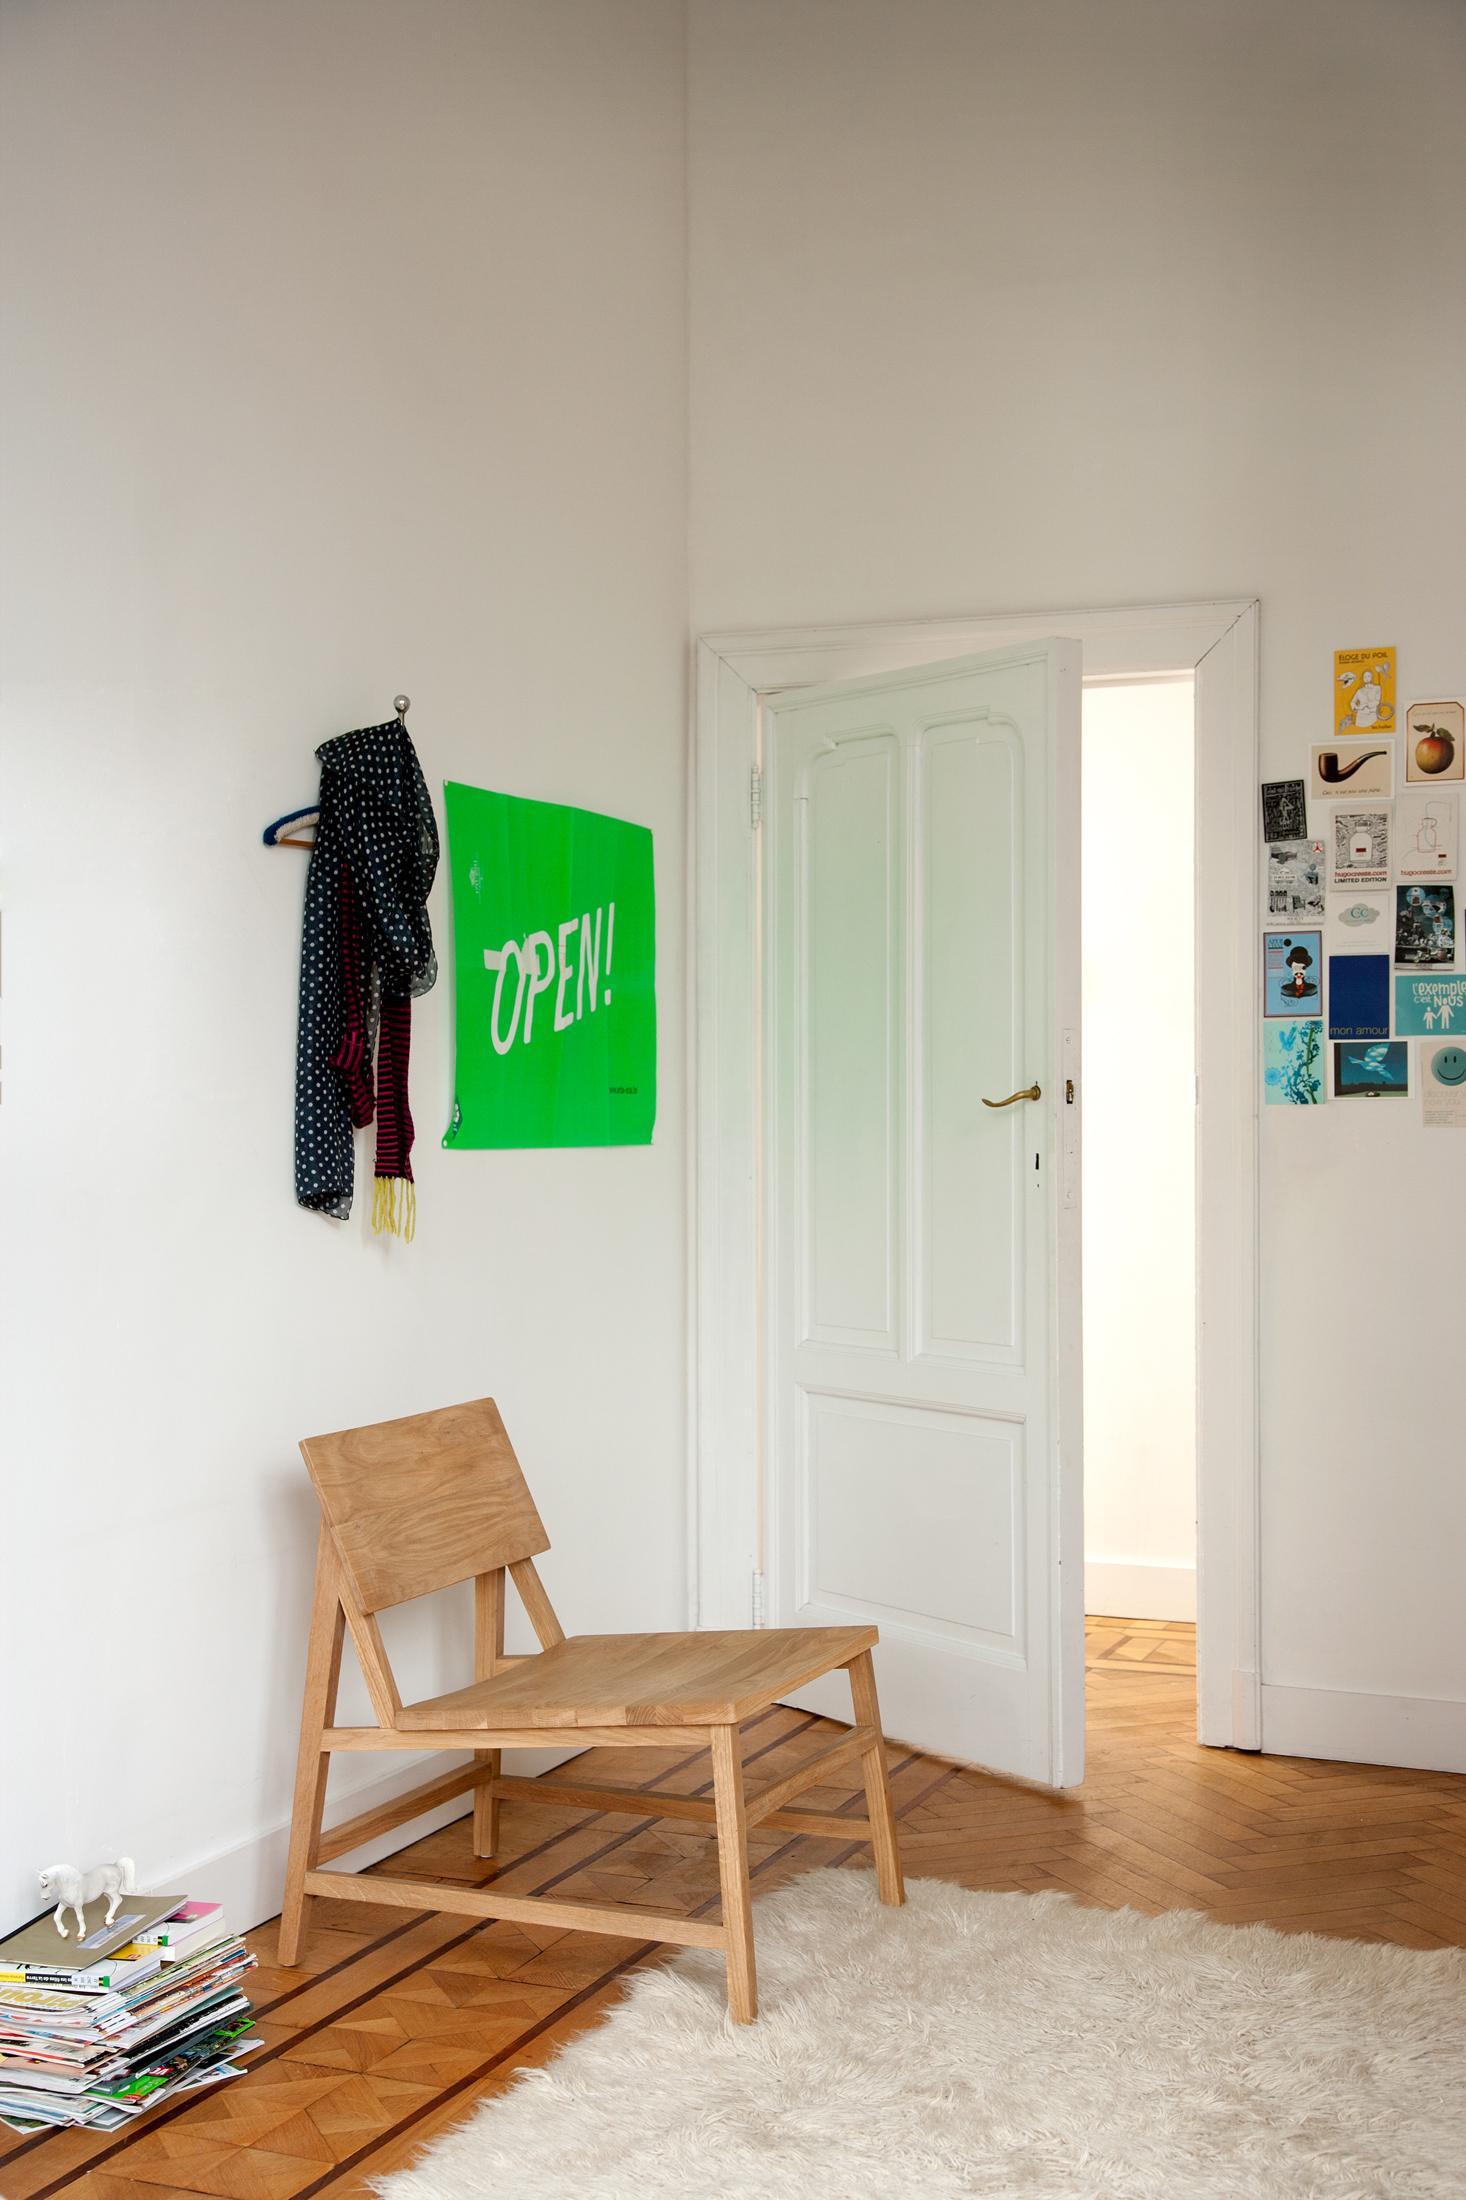 Breiter Loungestuhl Aus Holz Stuhl Teppich Poster